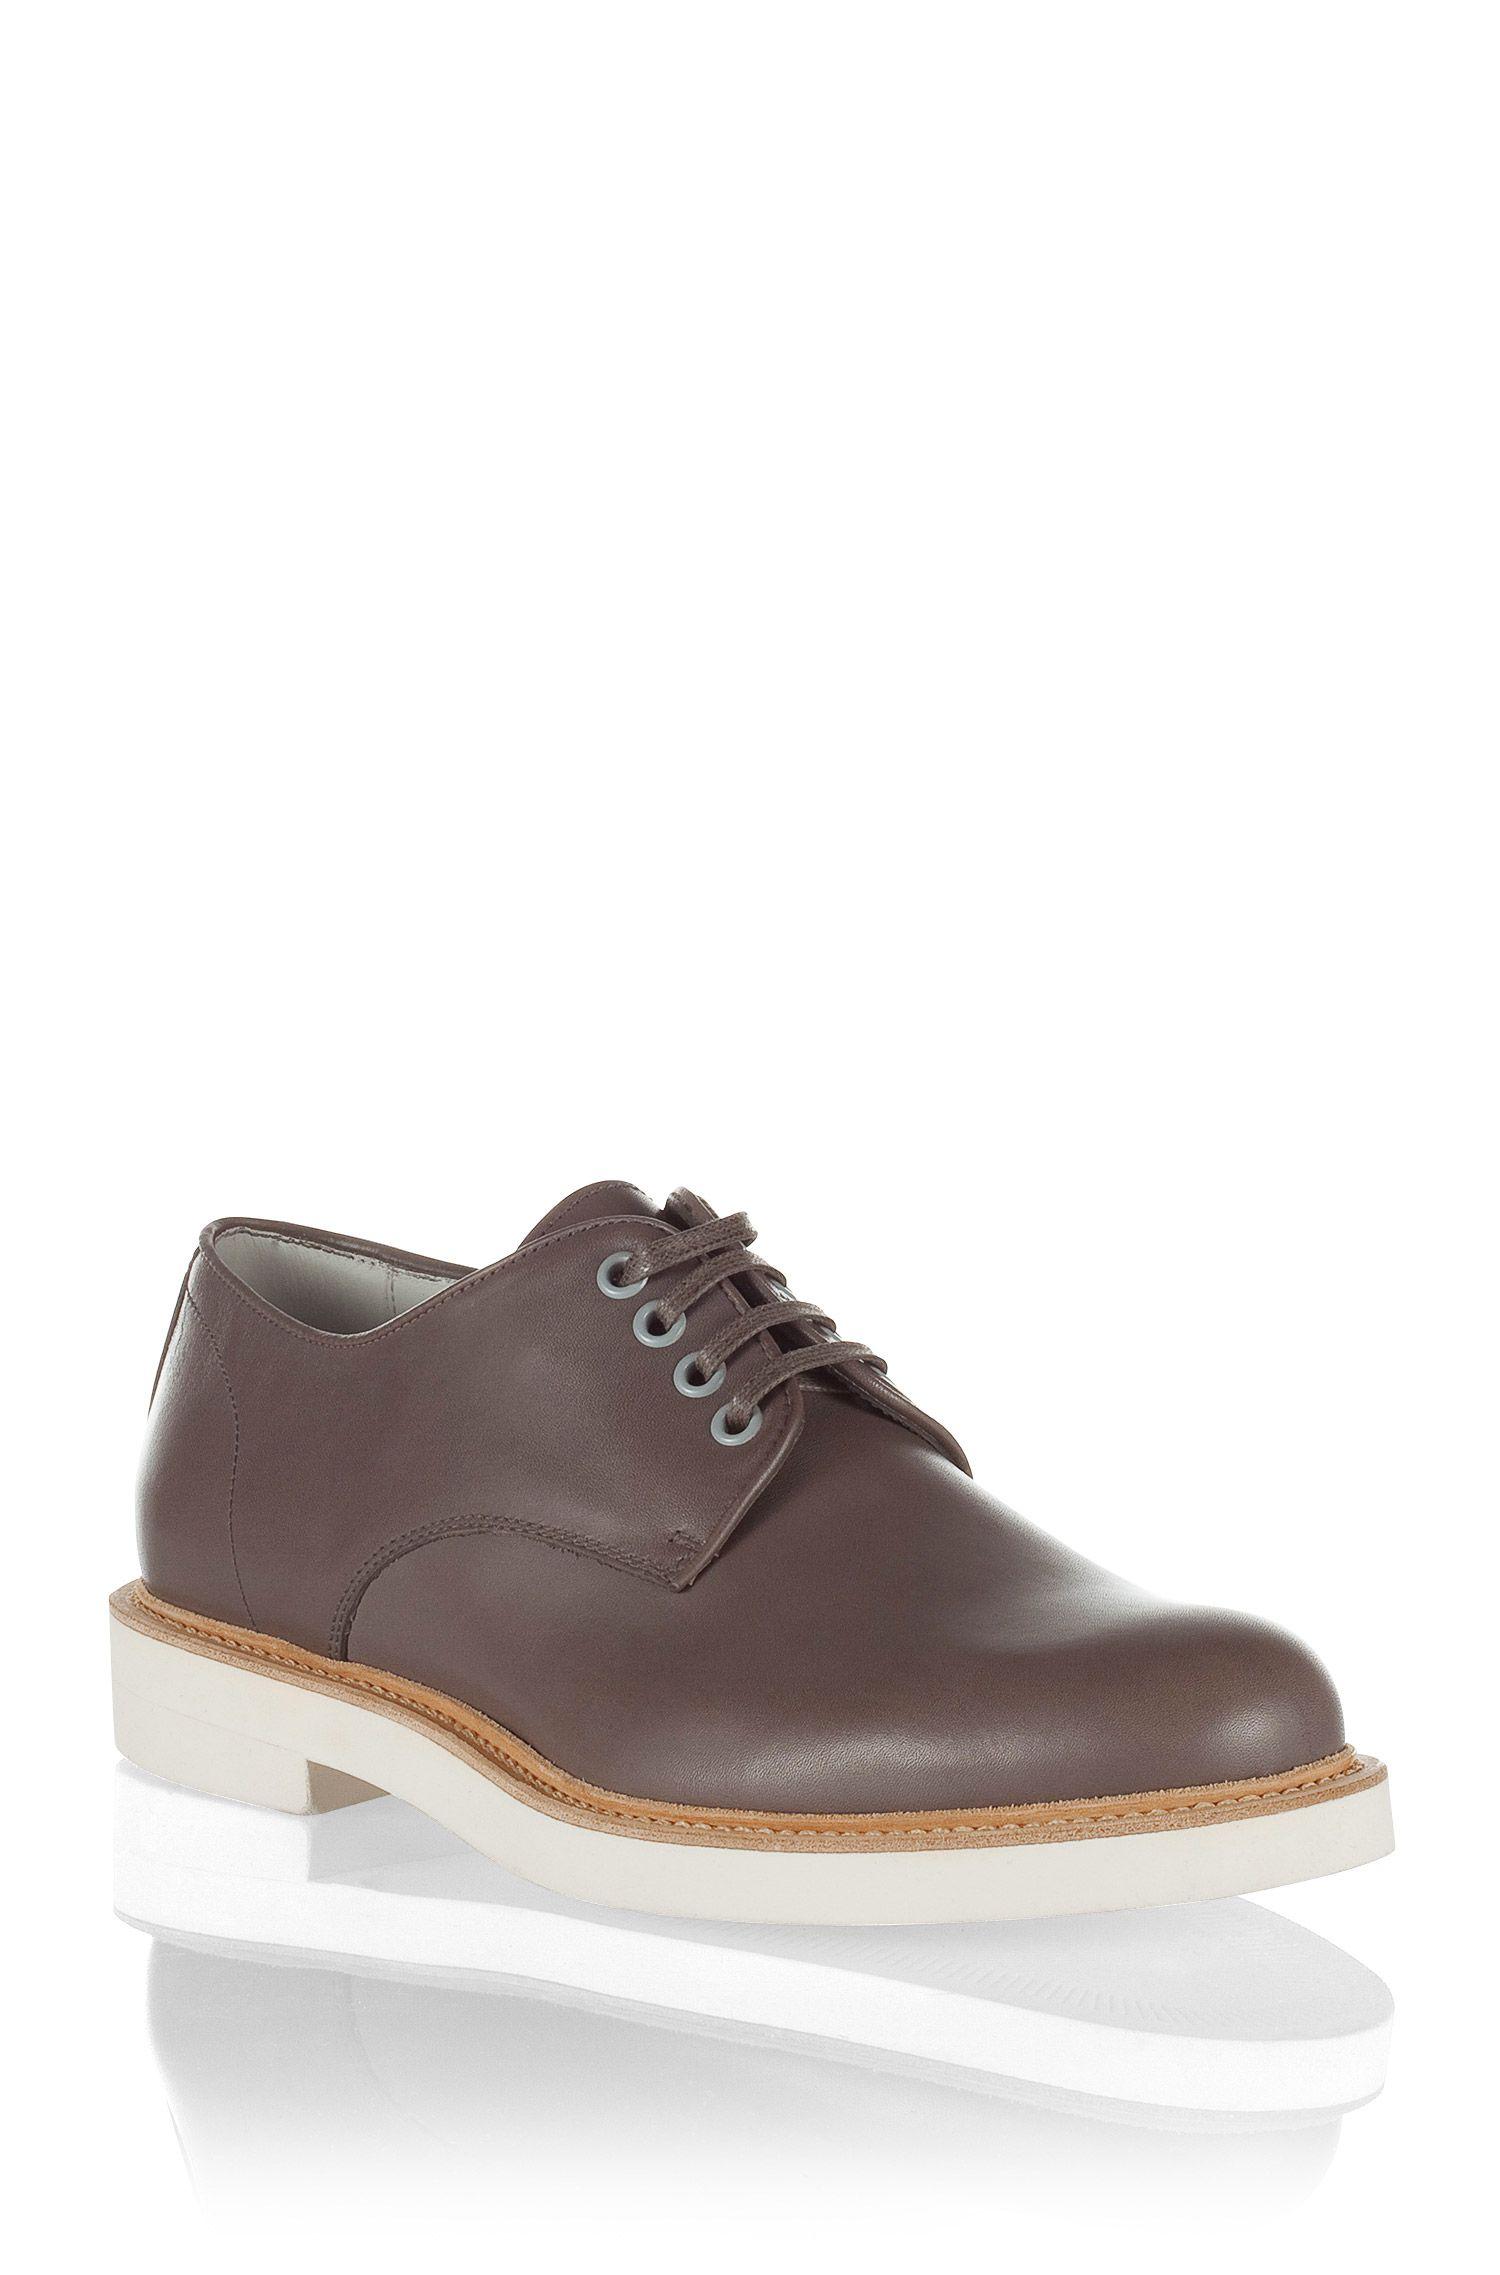 Chaussures design en cuir lisse, GRADIO